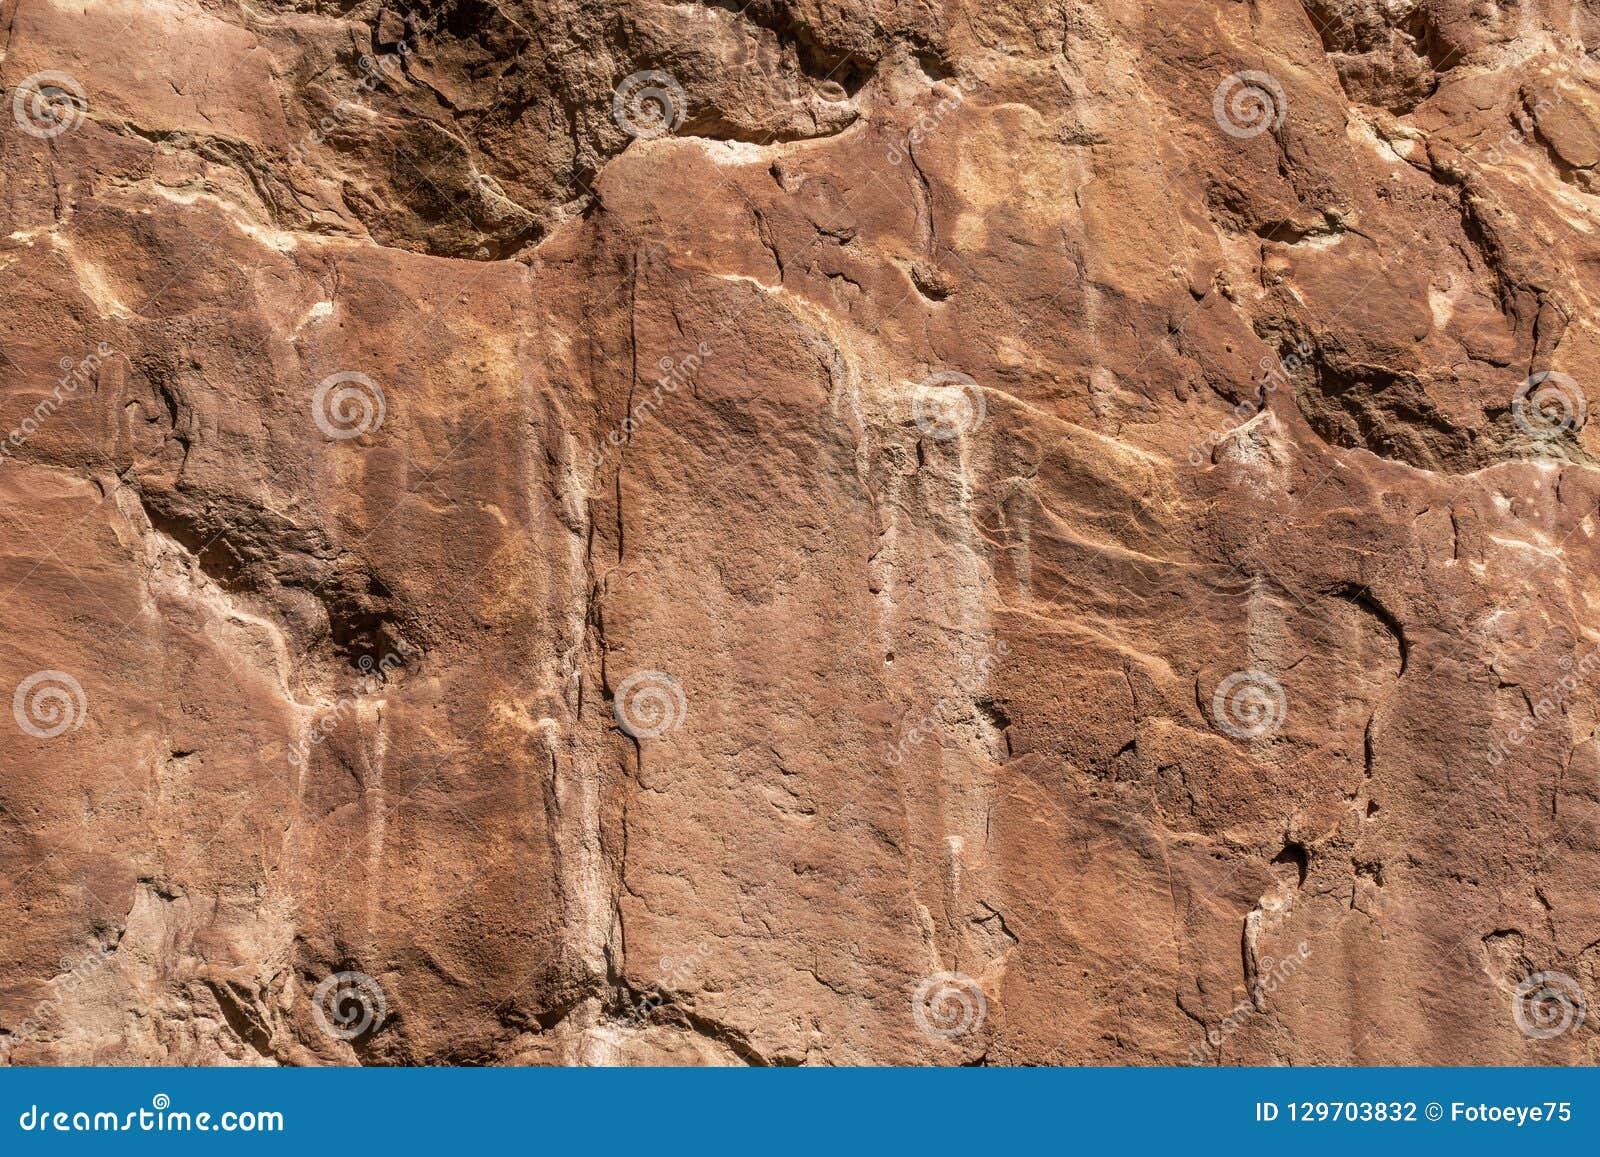 Texture en pierre rouge de fond de formation de roche